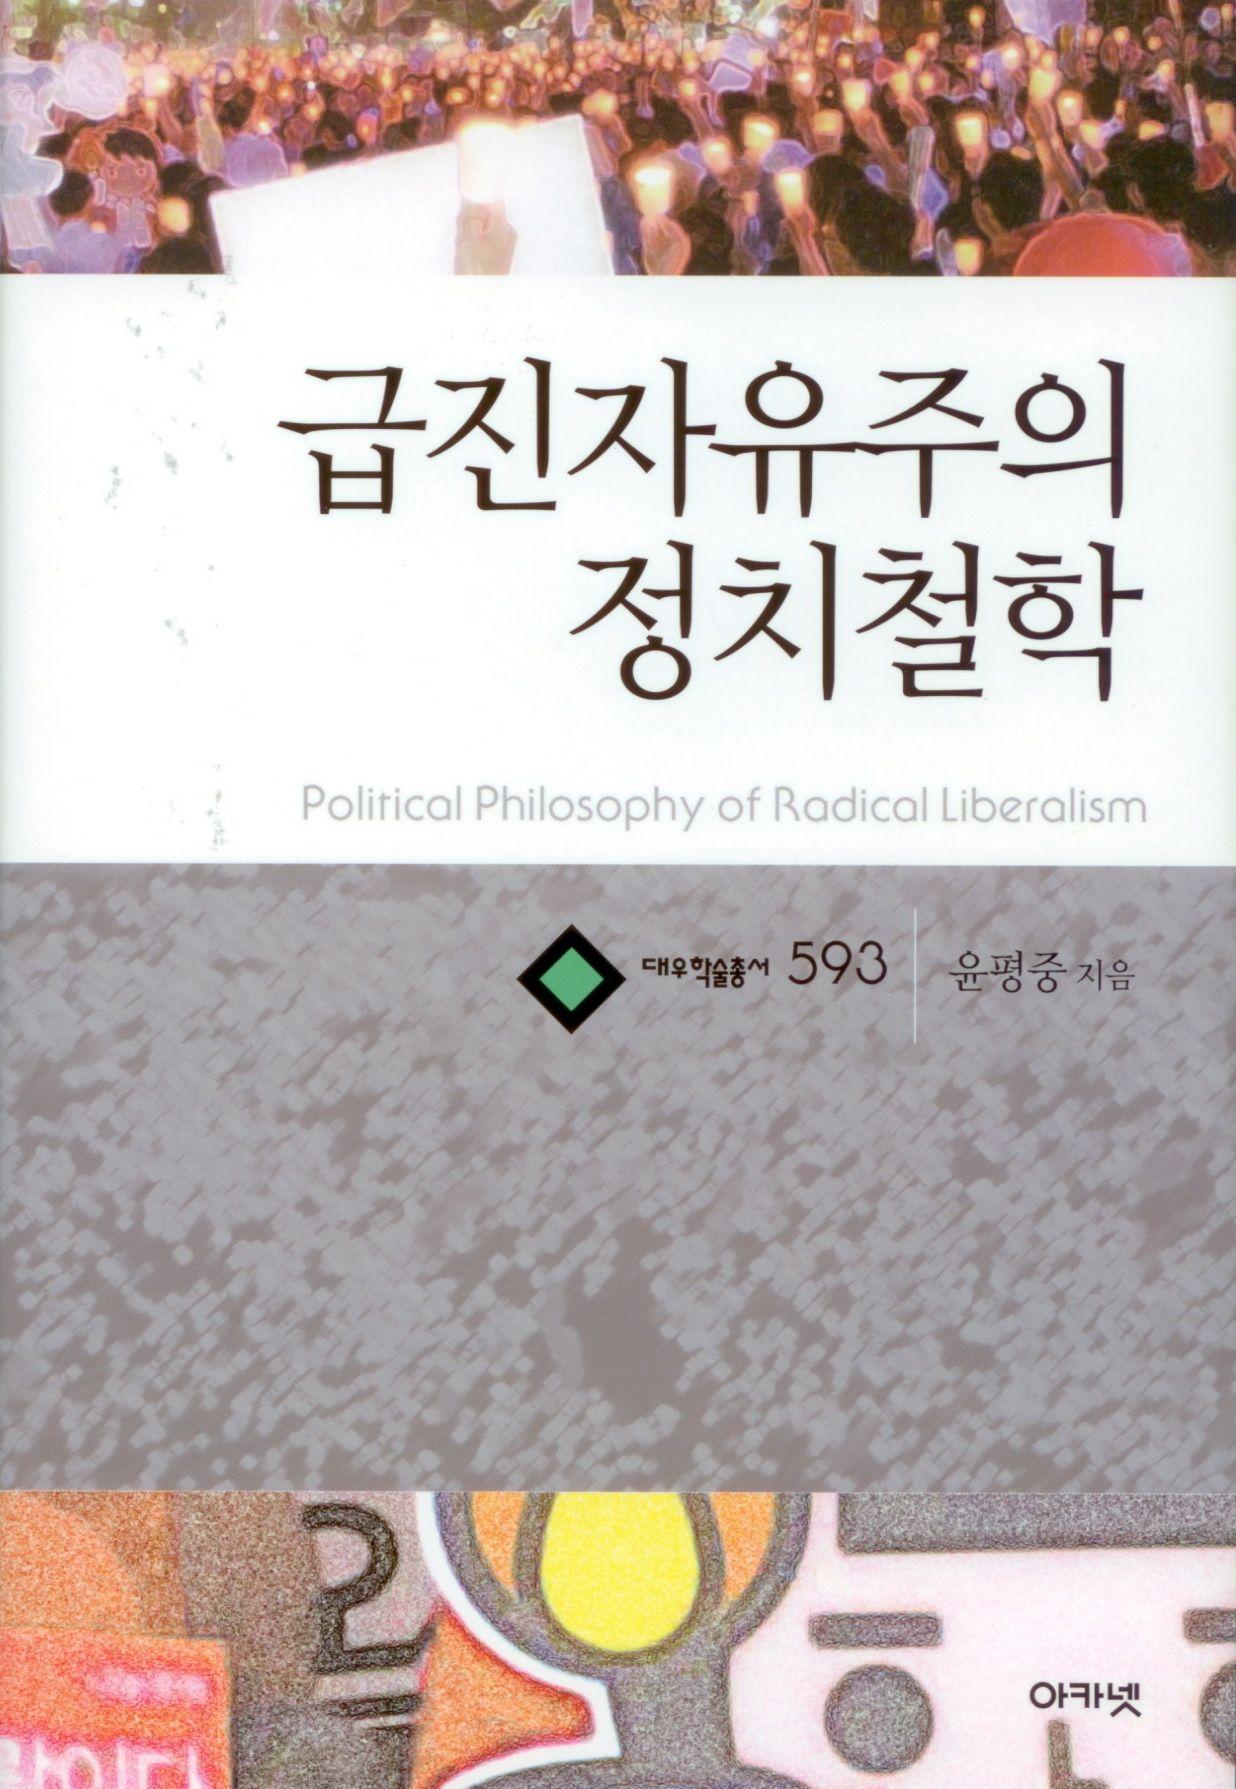 대우재단 대우학술총서 제593권 급진자유주의 정치철학 written by 윤평중 and published by 아카넷 in 2009